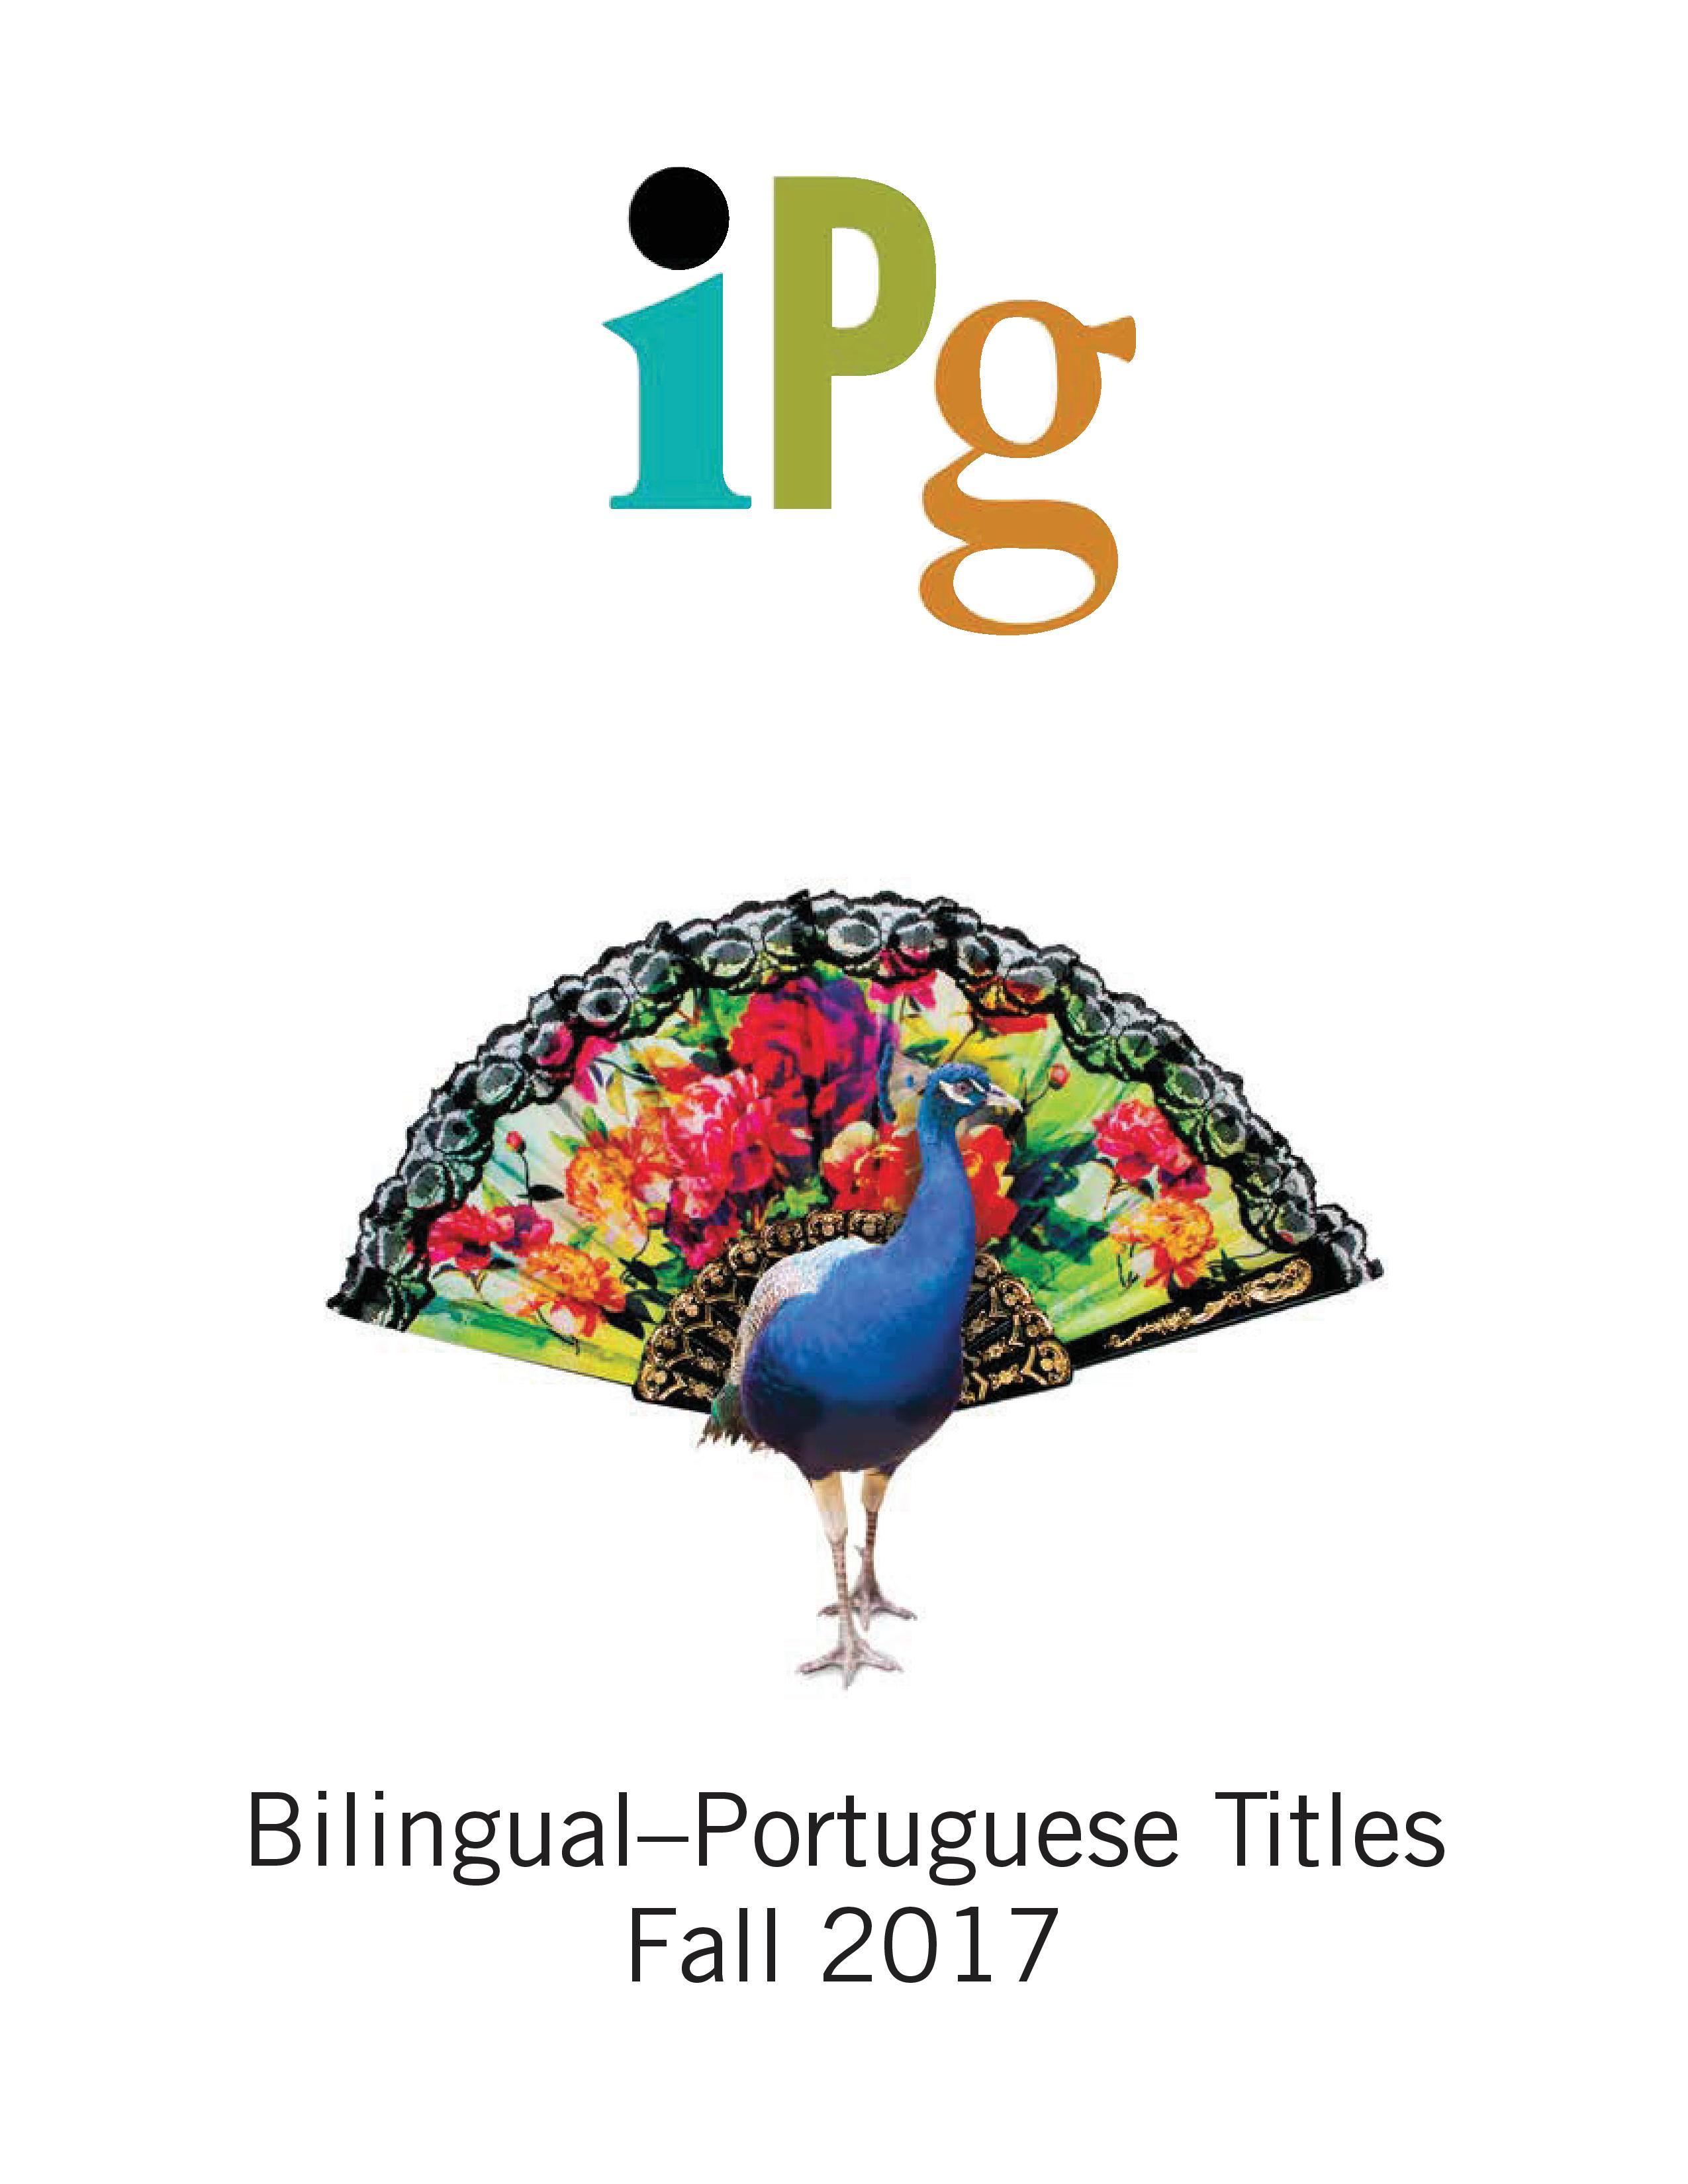 Bilingual Portuguese Titles